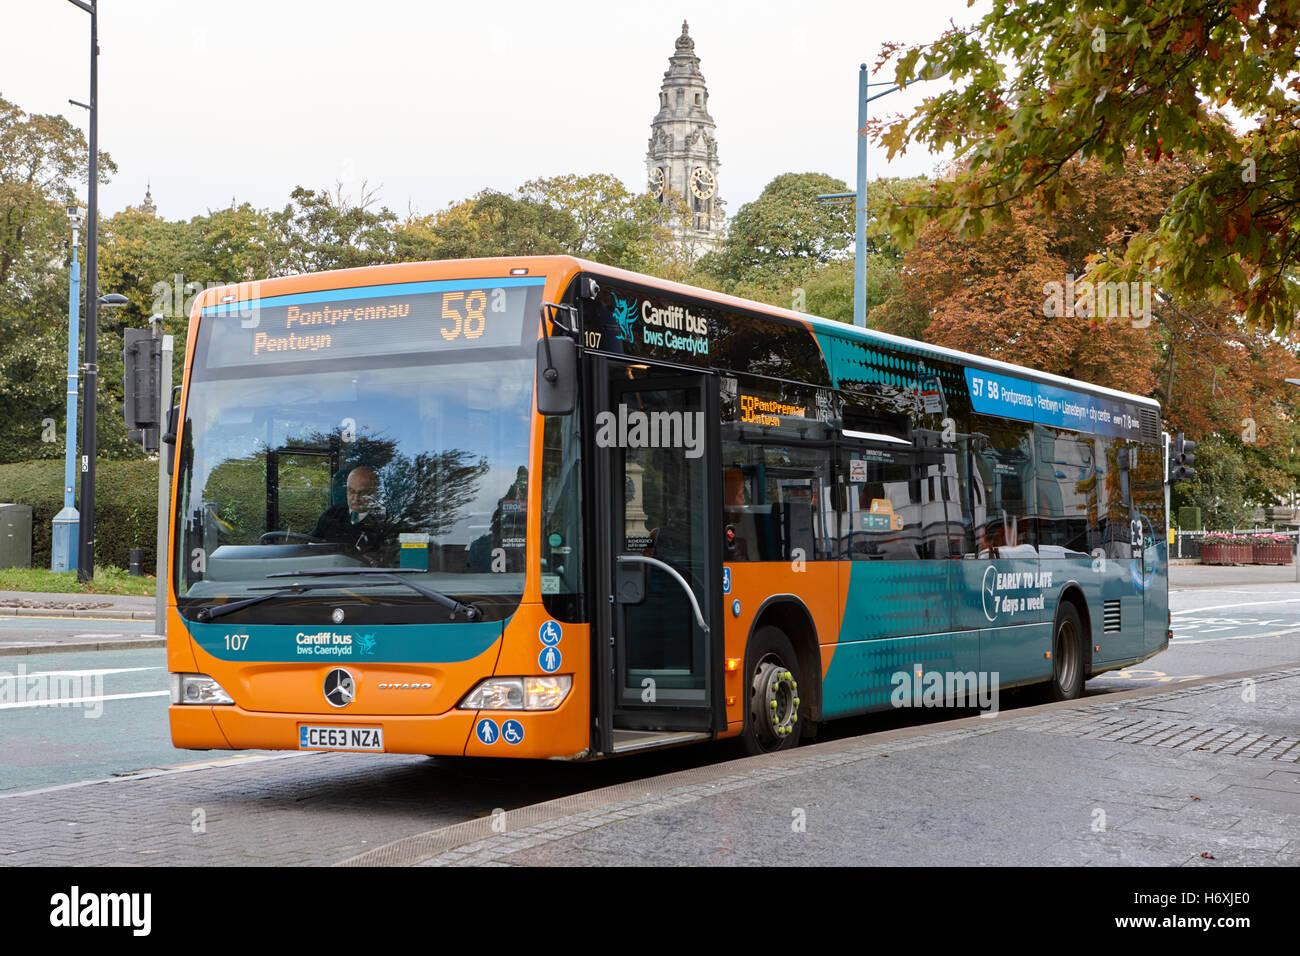 Cardiff bus public transport Wales United Kingdom - Stock Image